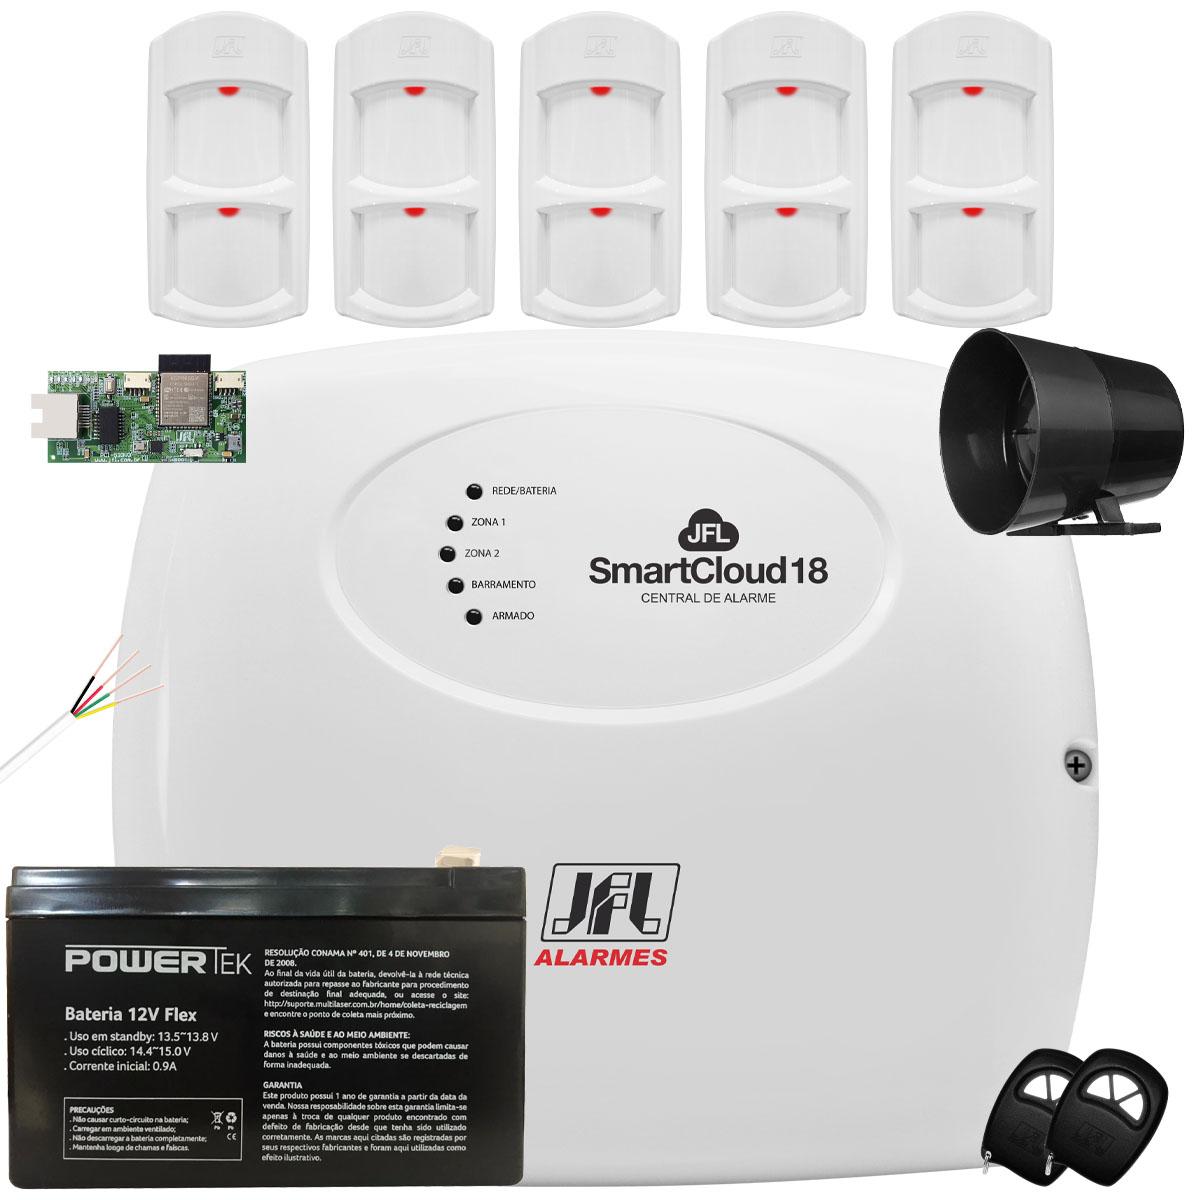 Kit Alarme SmartCloud 18 Jfl 5 Sensor Pet 30Kg IRD 640